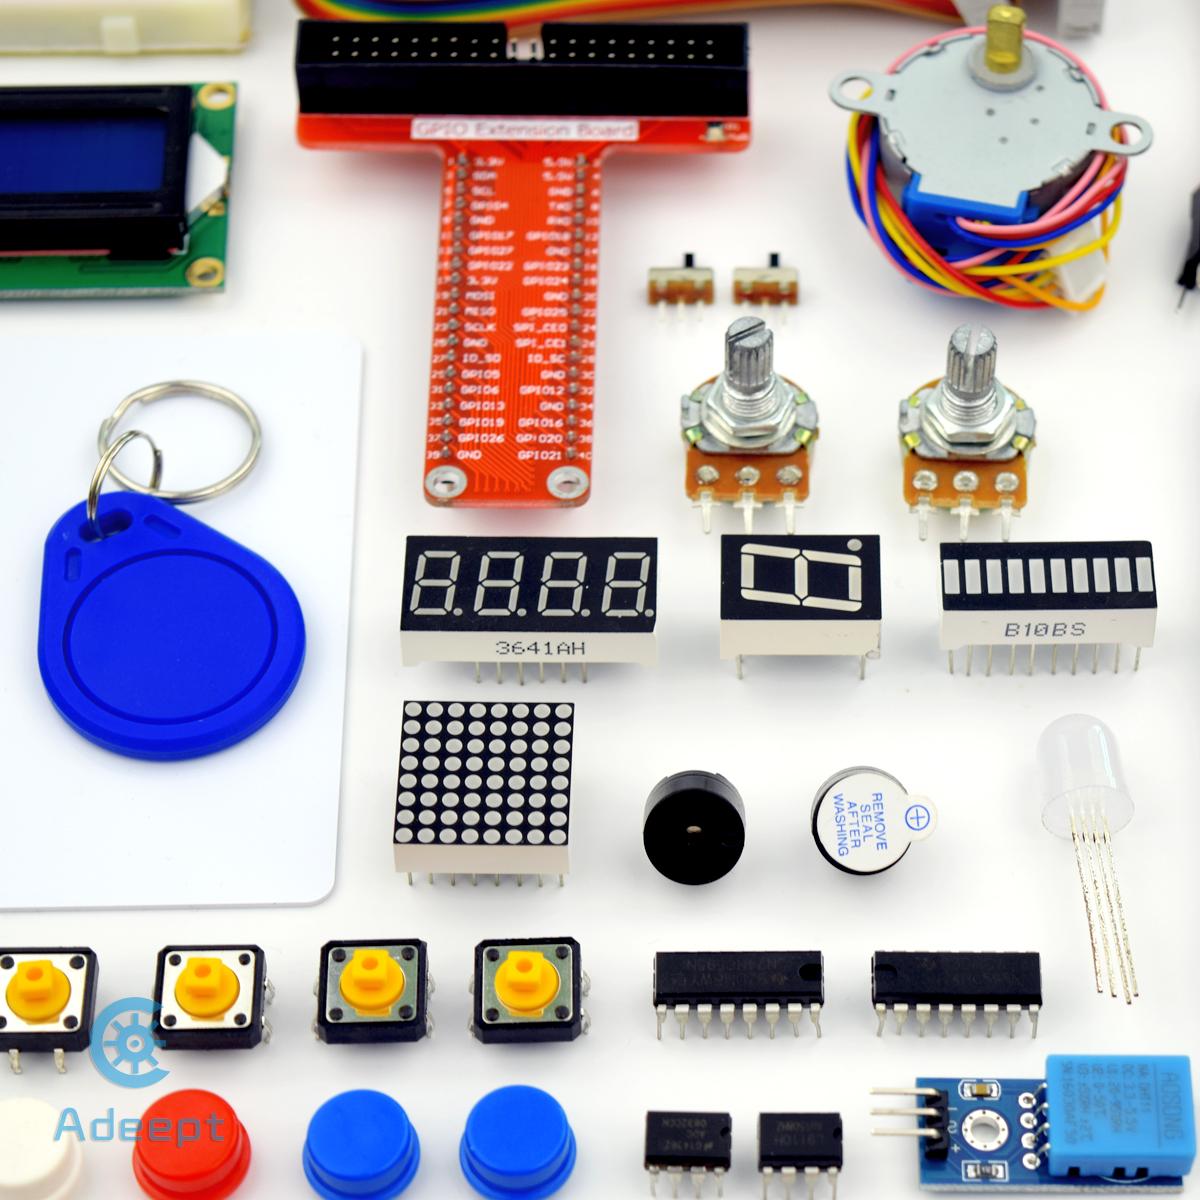 Adeept RFID Starter Kit for Raspberry Pi 3 2 Model B/B+